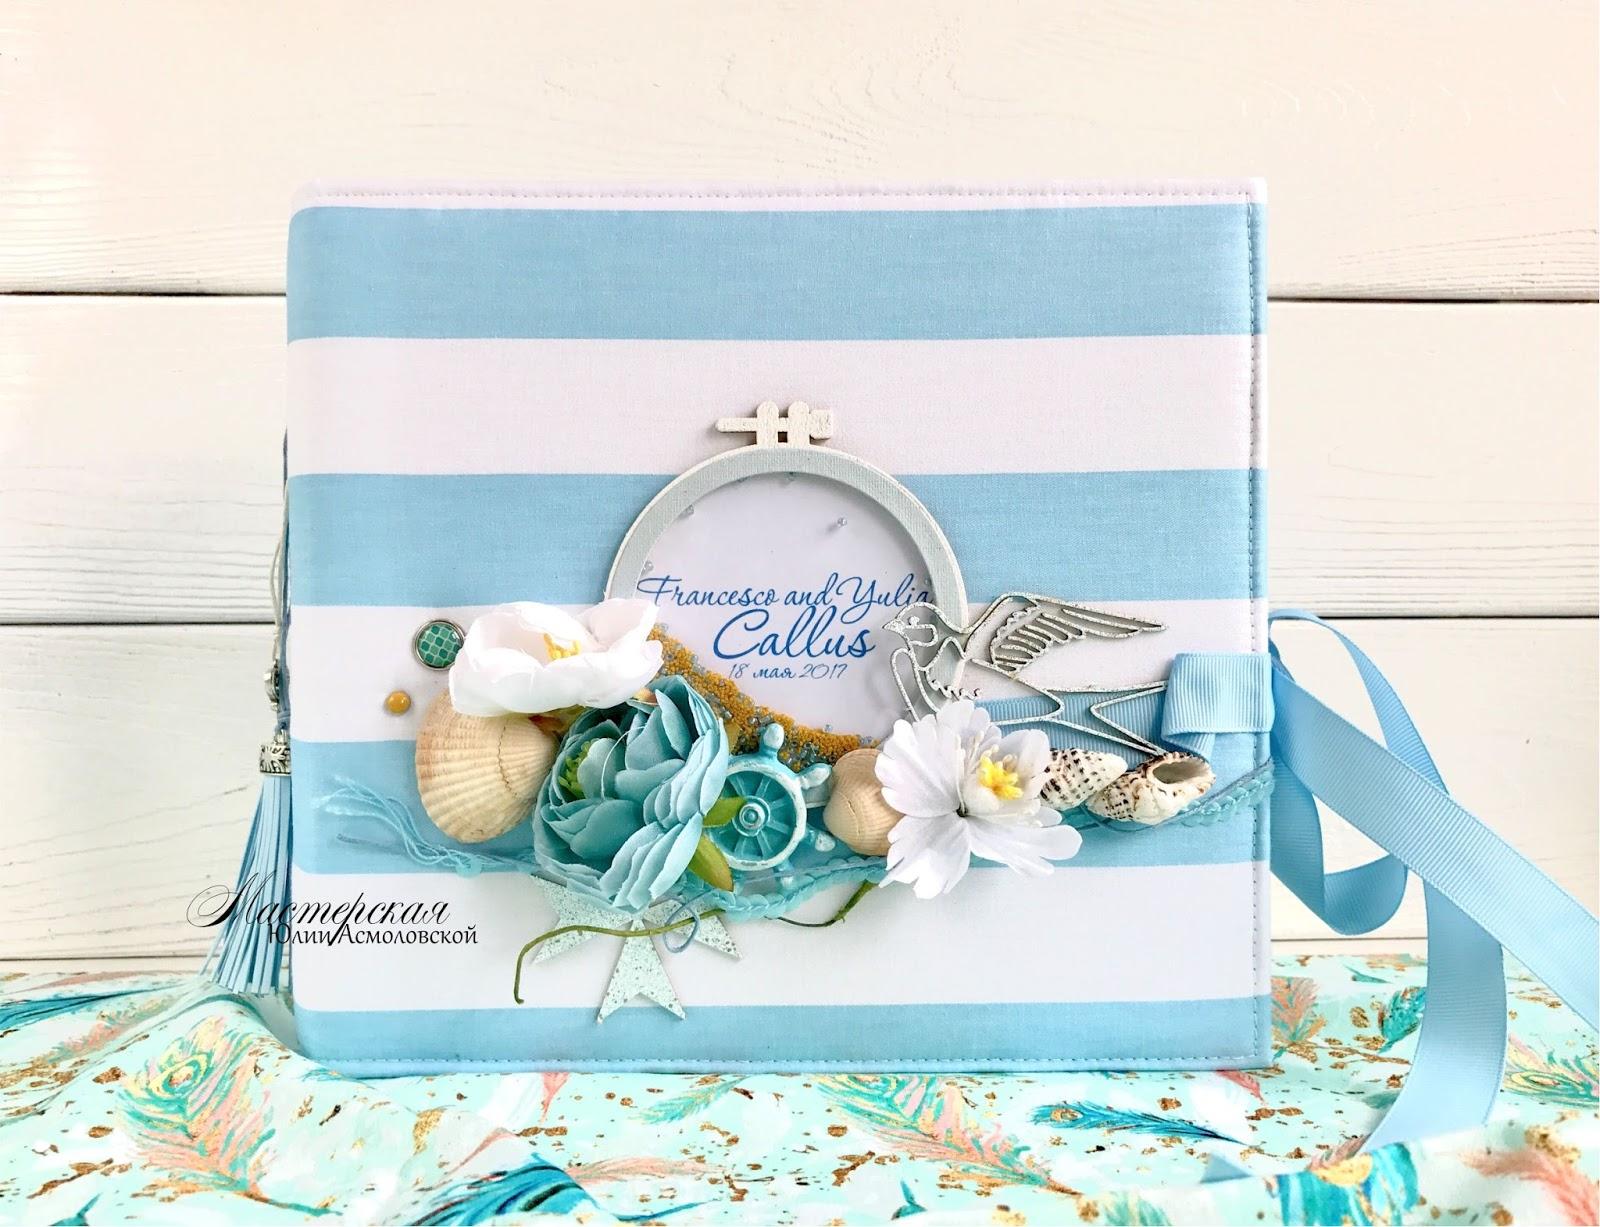 Морской стиль открыток на свадьбу, картинки директору